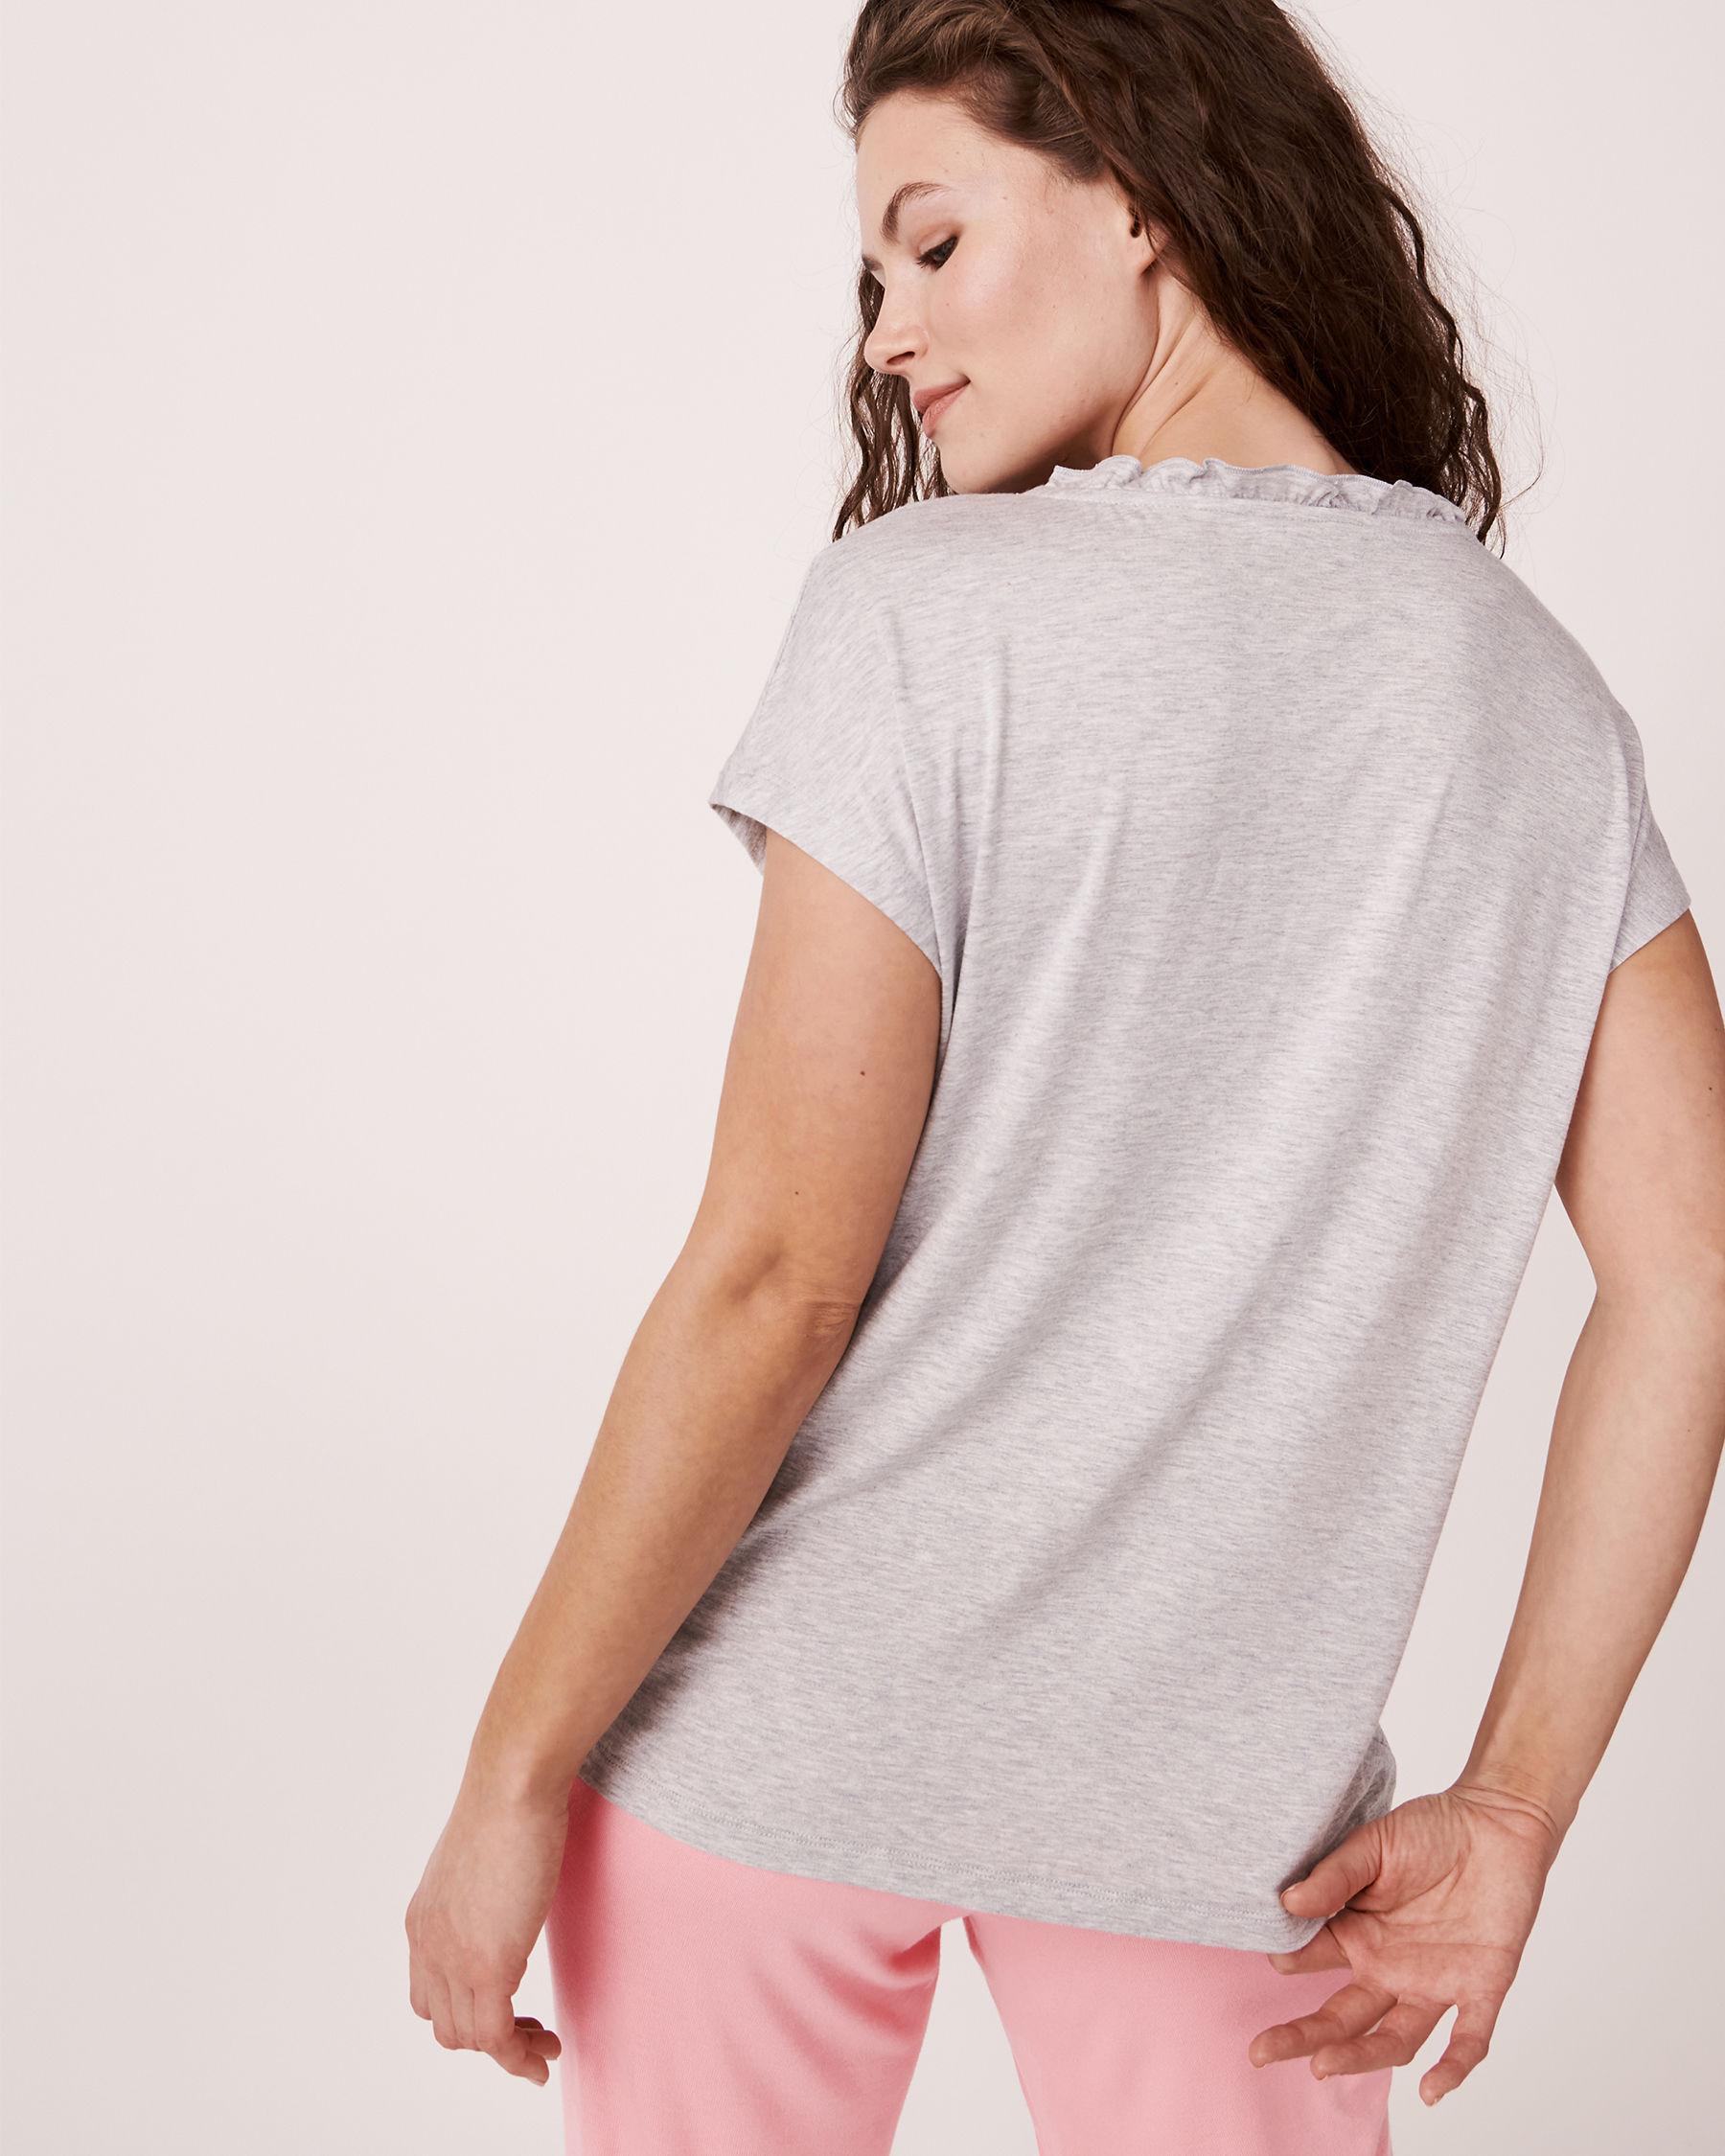 LA VIE EN ROSE V-Neckline T-shirt Grey 40100030 - View2